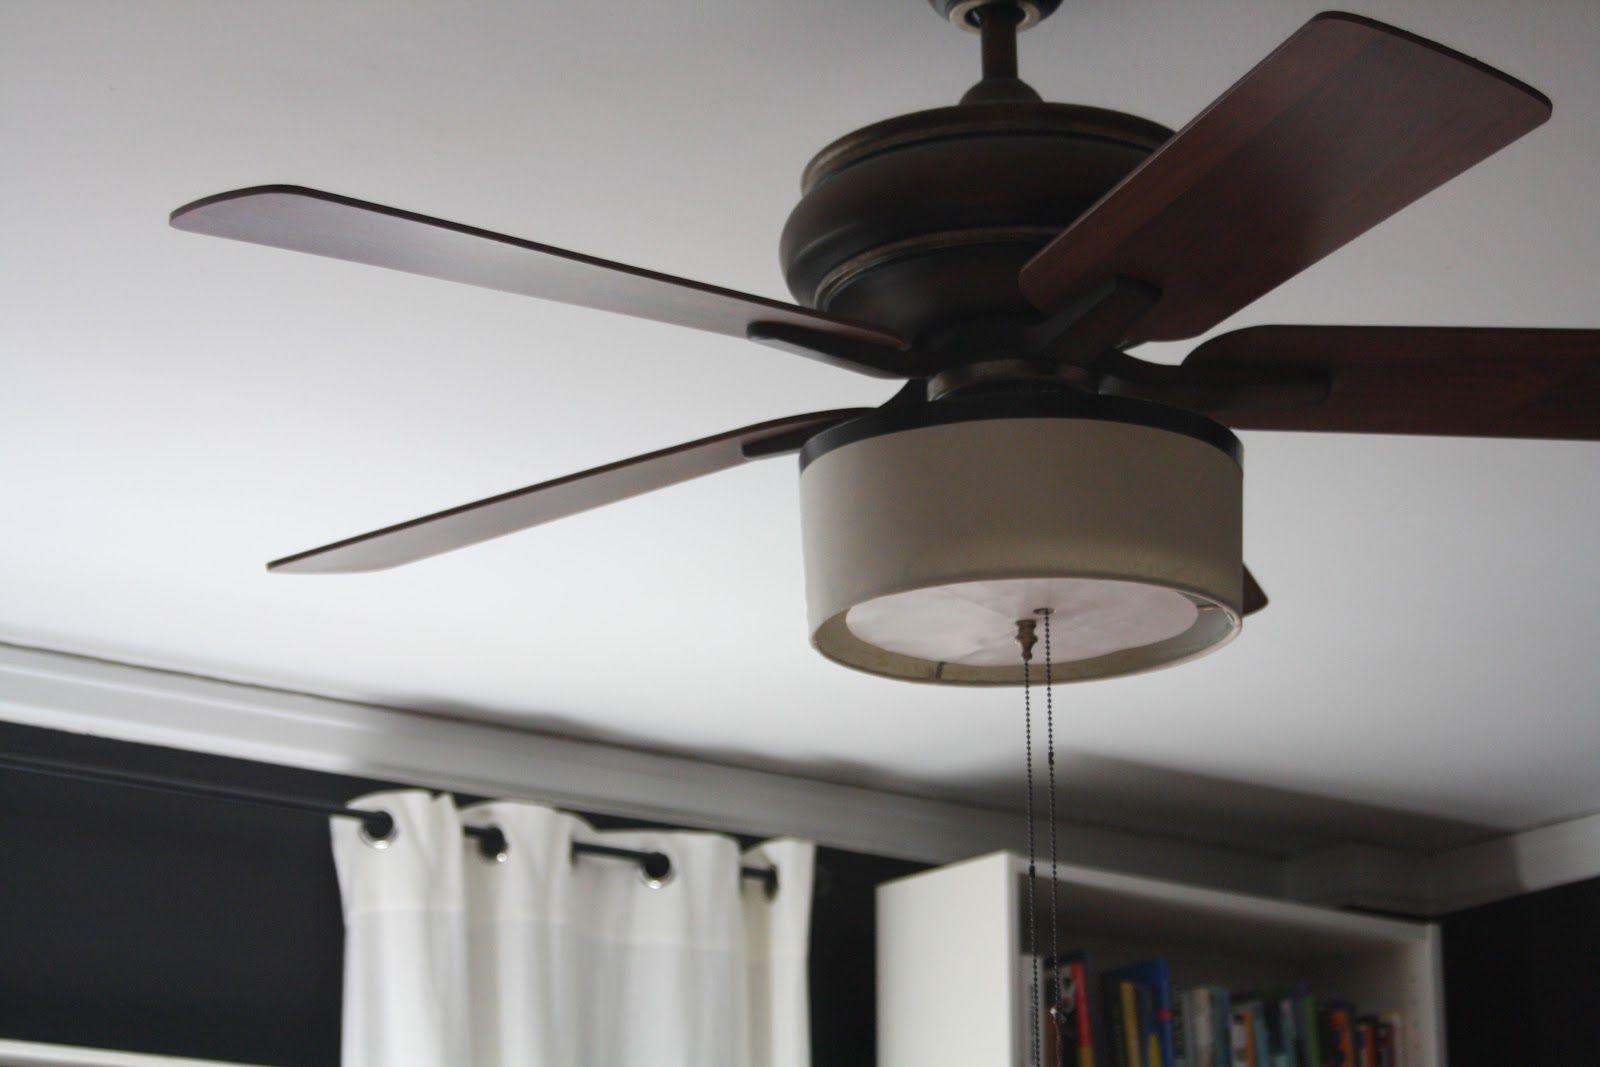 1 Fan Health Diy Drum Shade Ceiling Fan Makeover Ceiling Fan